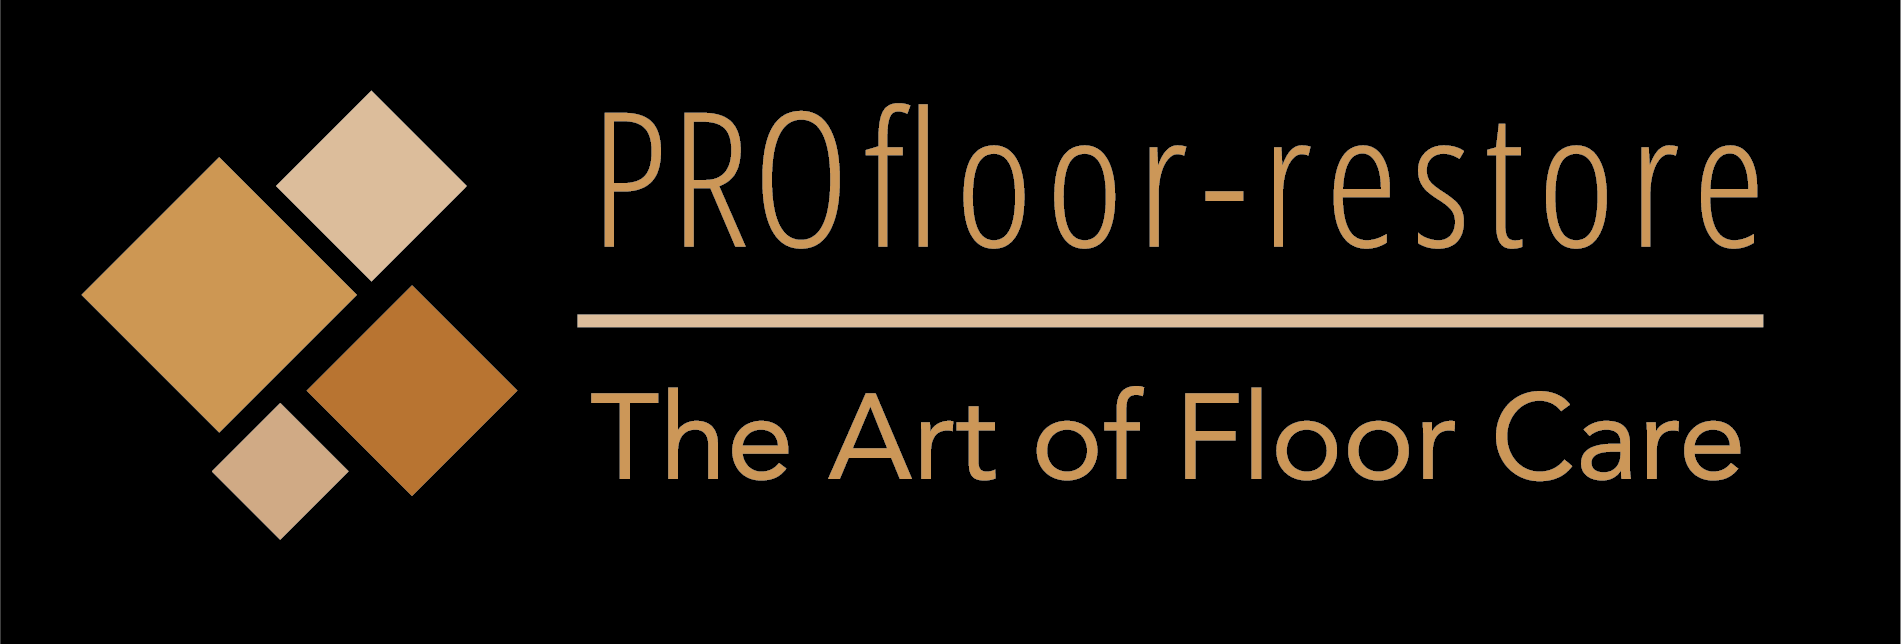 Profloor-restore